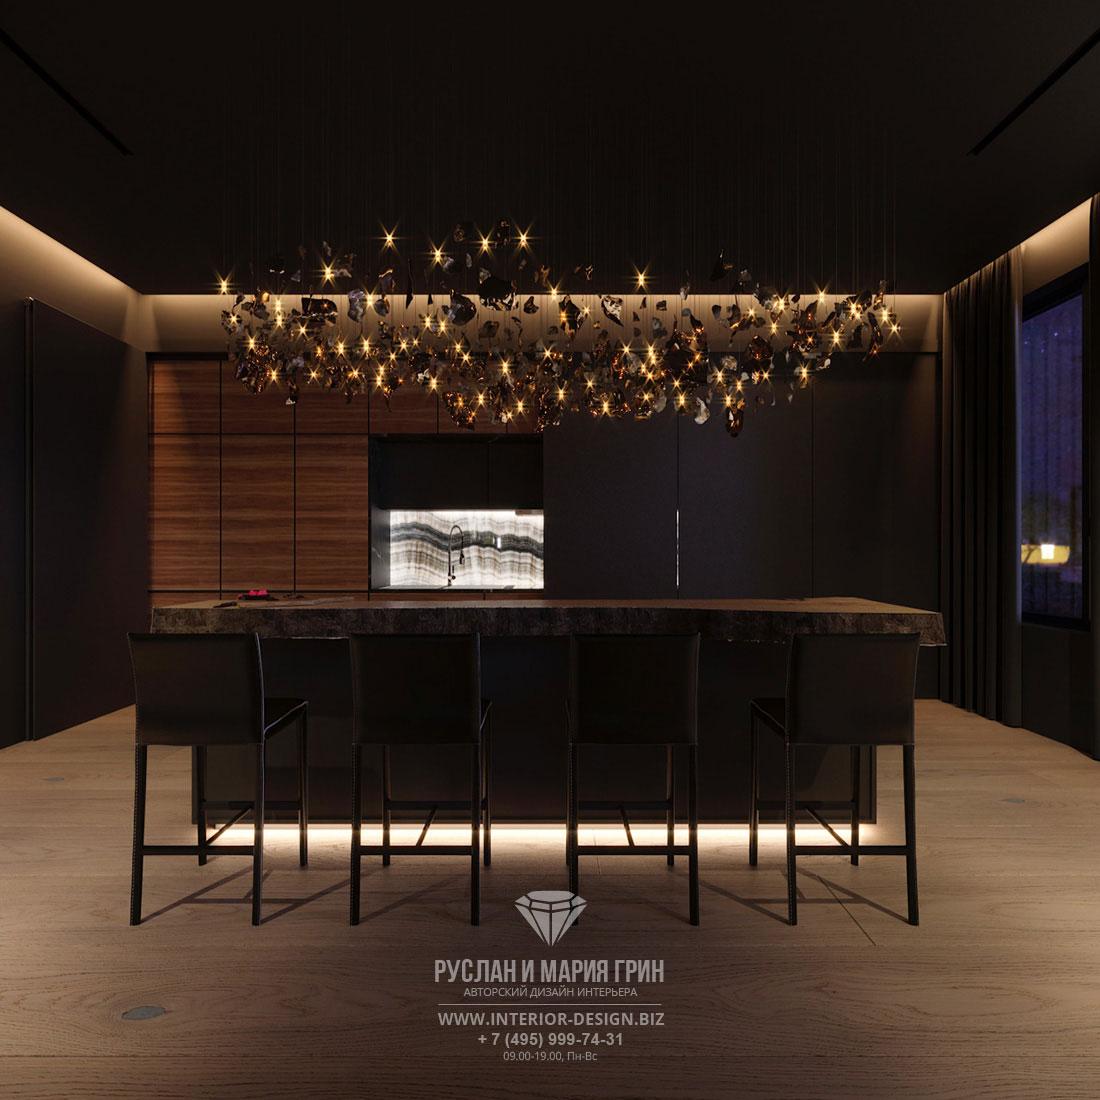 Дизайн интерьера зоны столовой в квартире холостяка